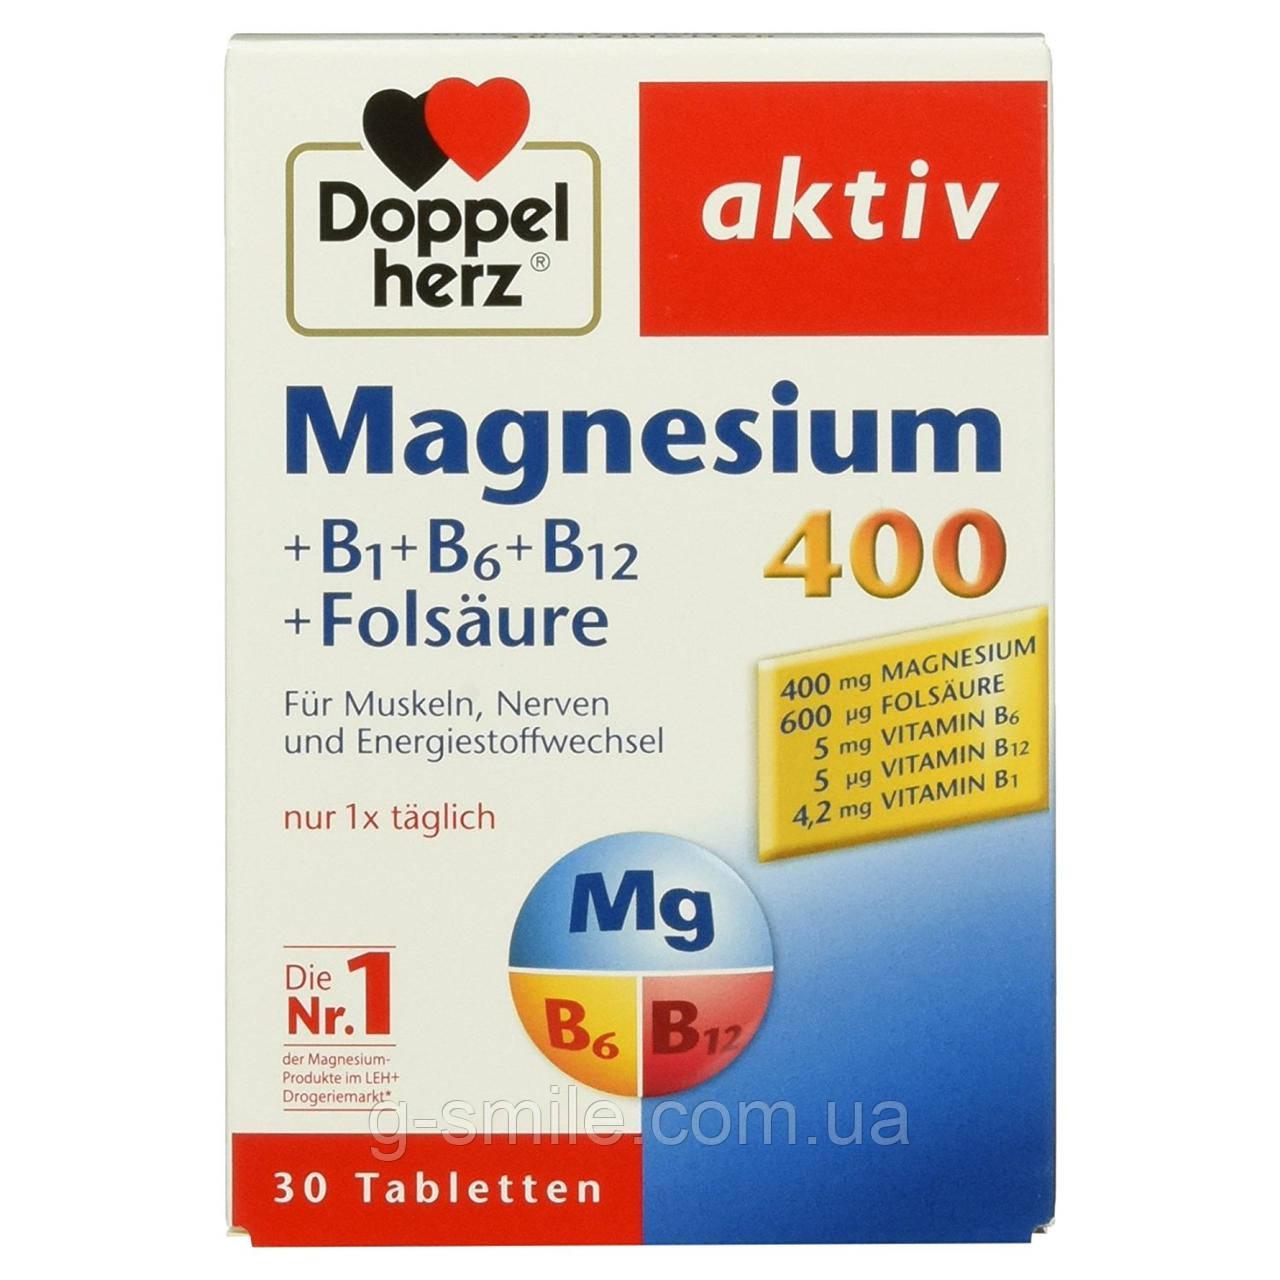 Doppelherz Magnesium 400 + B1 + B6 + B12 + Folsäure,  магний для мышц, нервной системы и энергетический